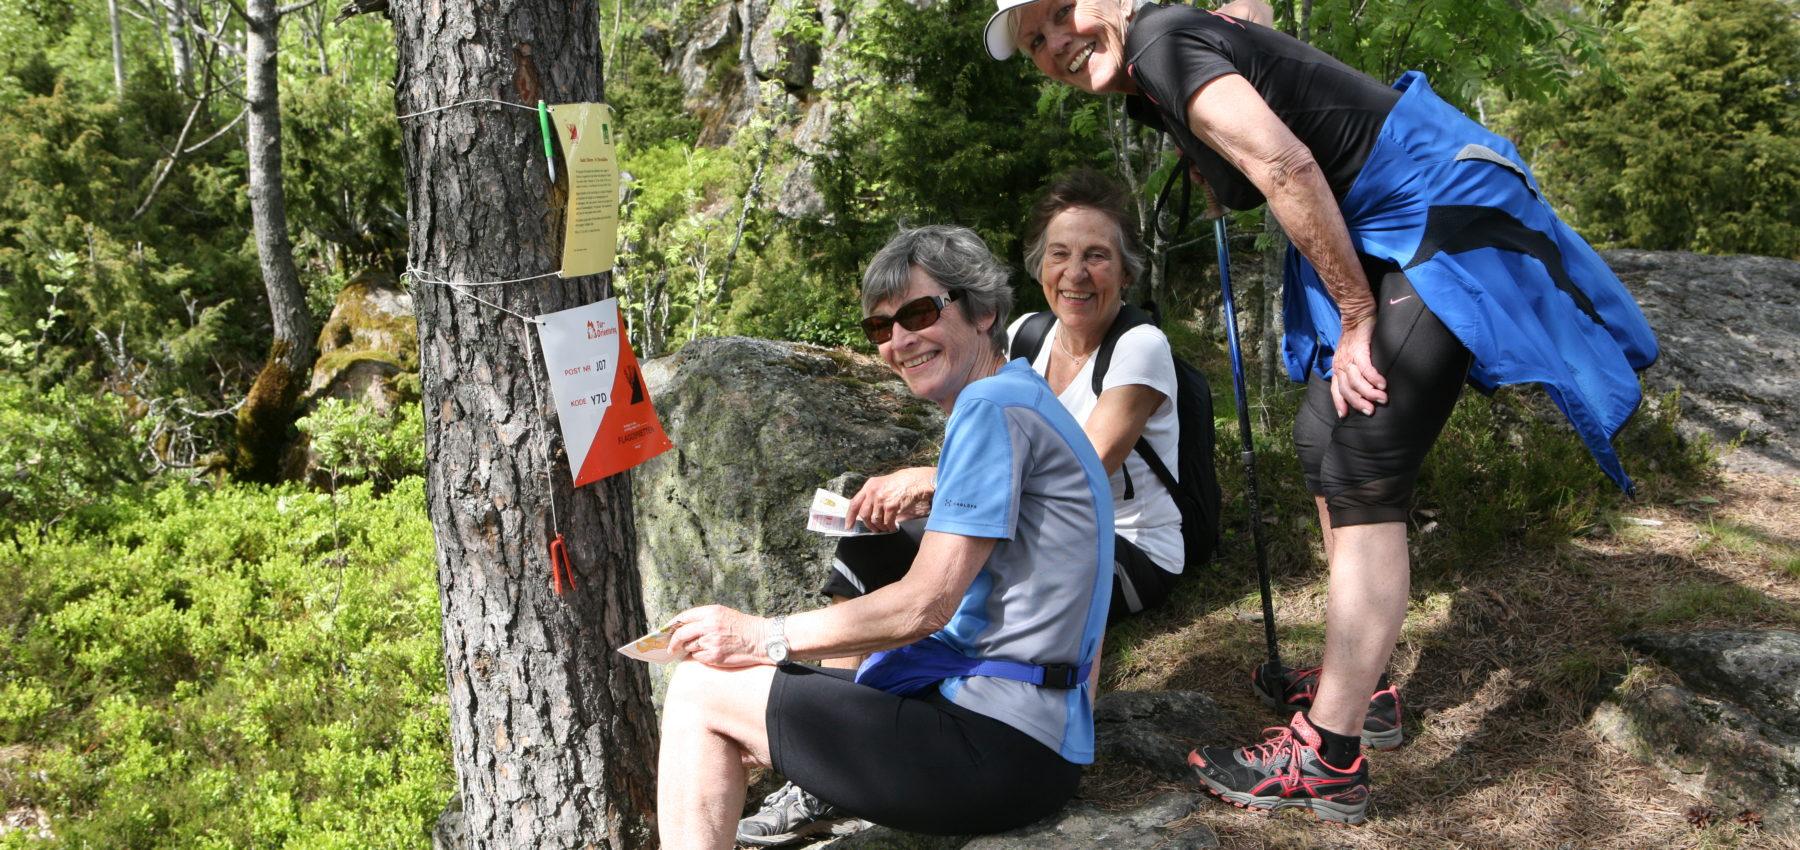 Tre damer på turorientering i skogen, smiler og ser inn i kamera.